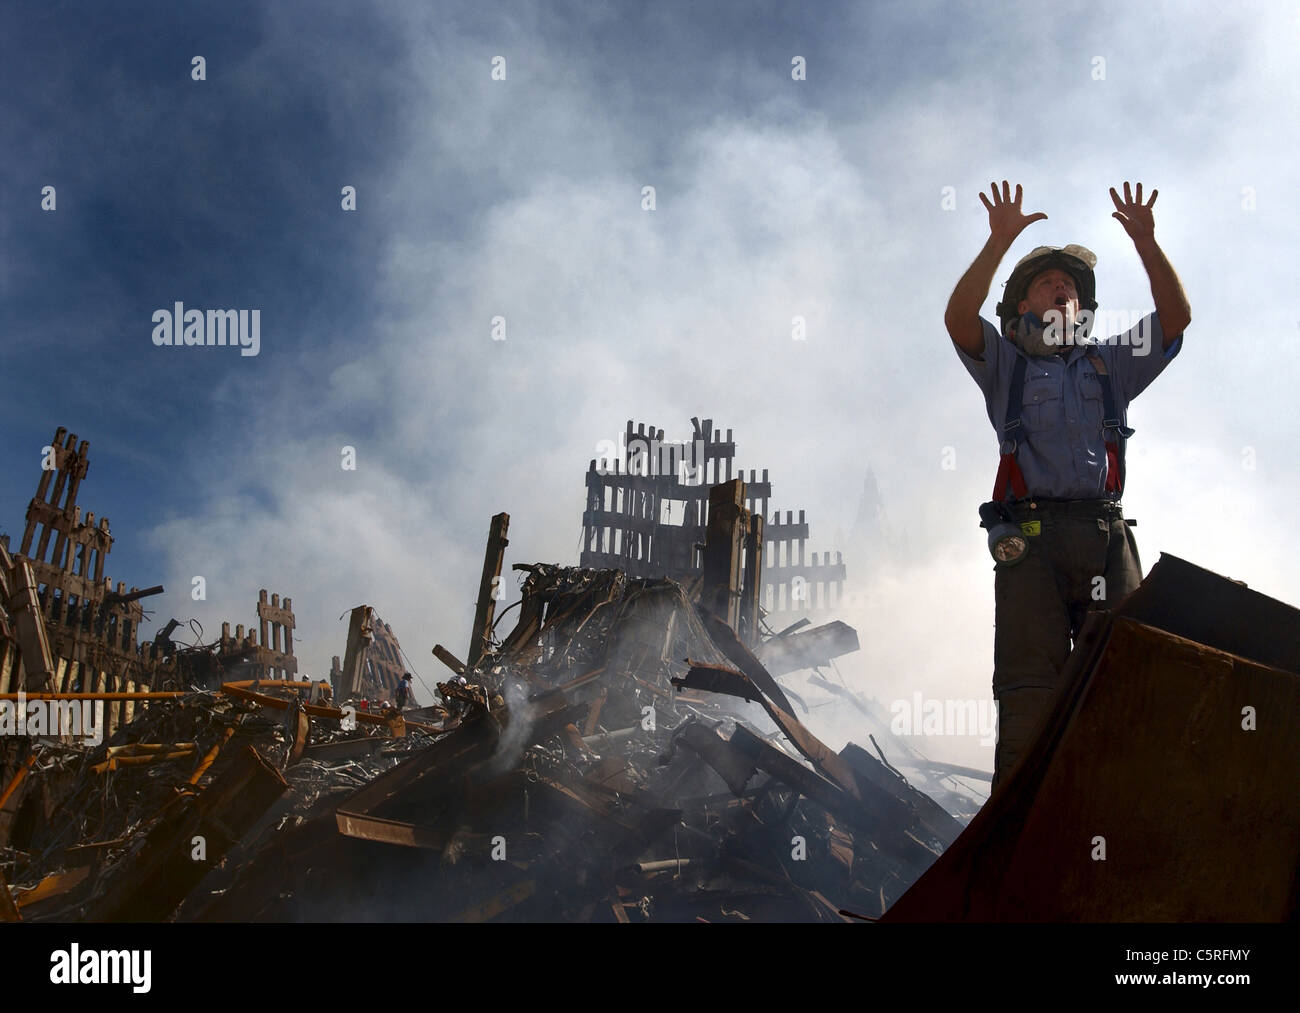 Ein New Yorker Feuerwehrmann fordert 10 mehr Arbeitnehmer ihren Weg in den Trümmern des World Trade Centers Stockbild